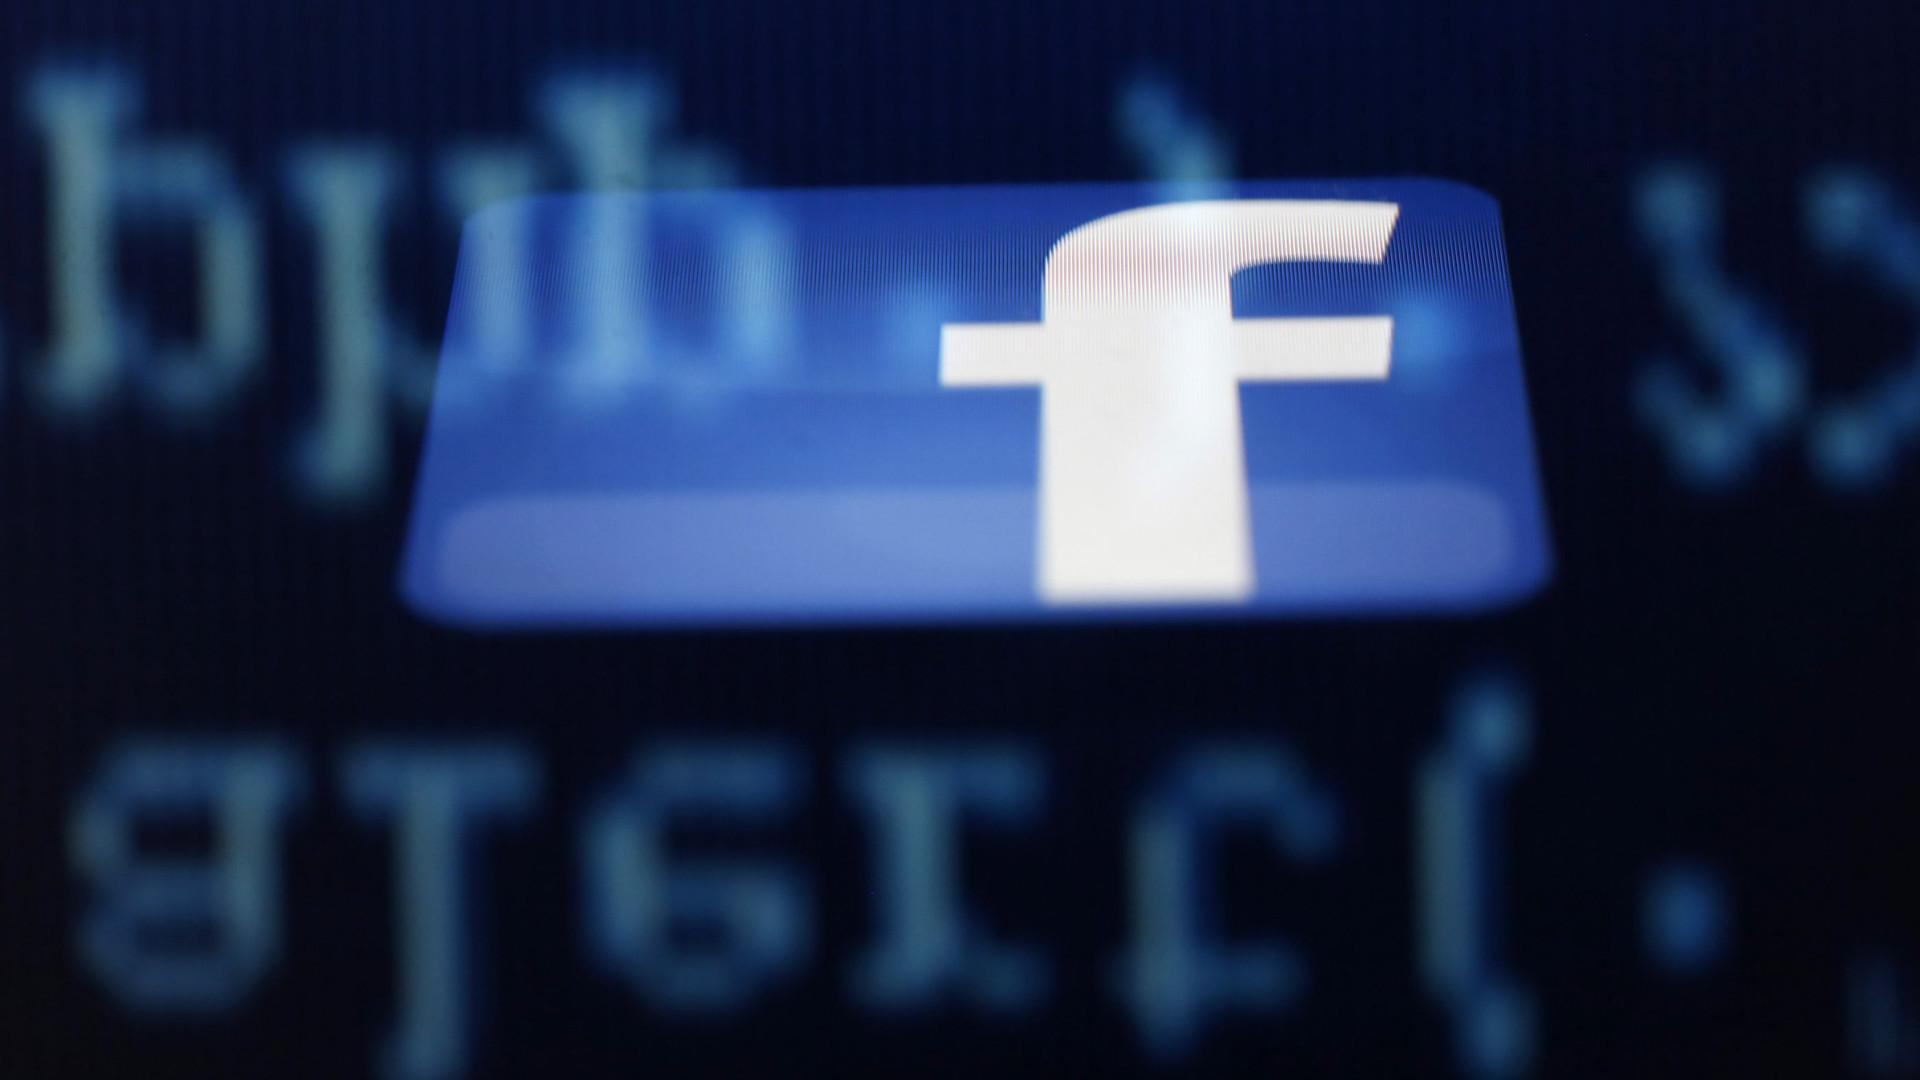 Facebook diz que usuários não denunciaram vídeo ao vivo de ataque